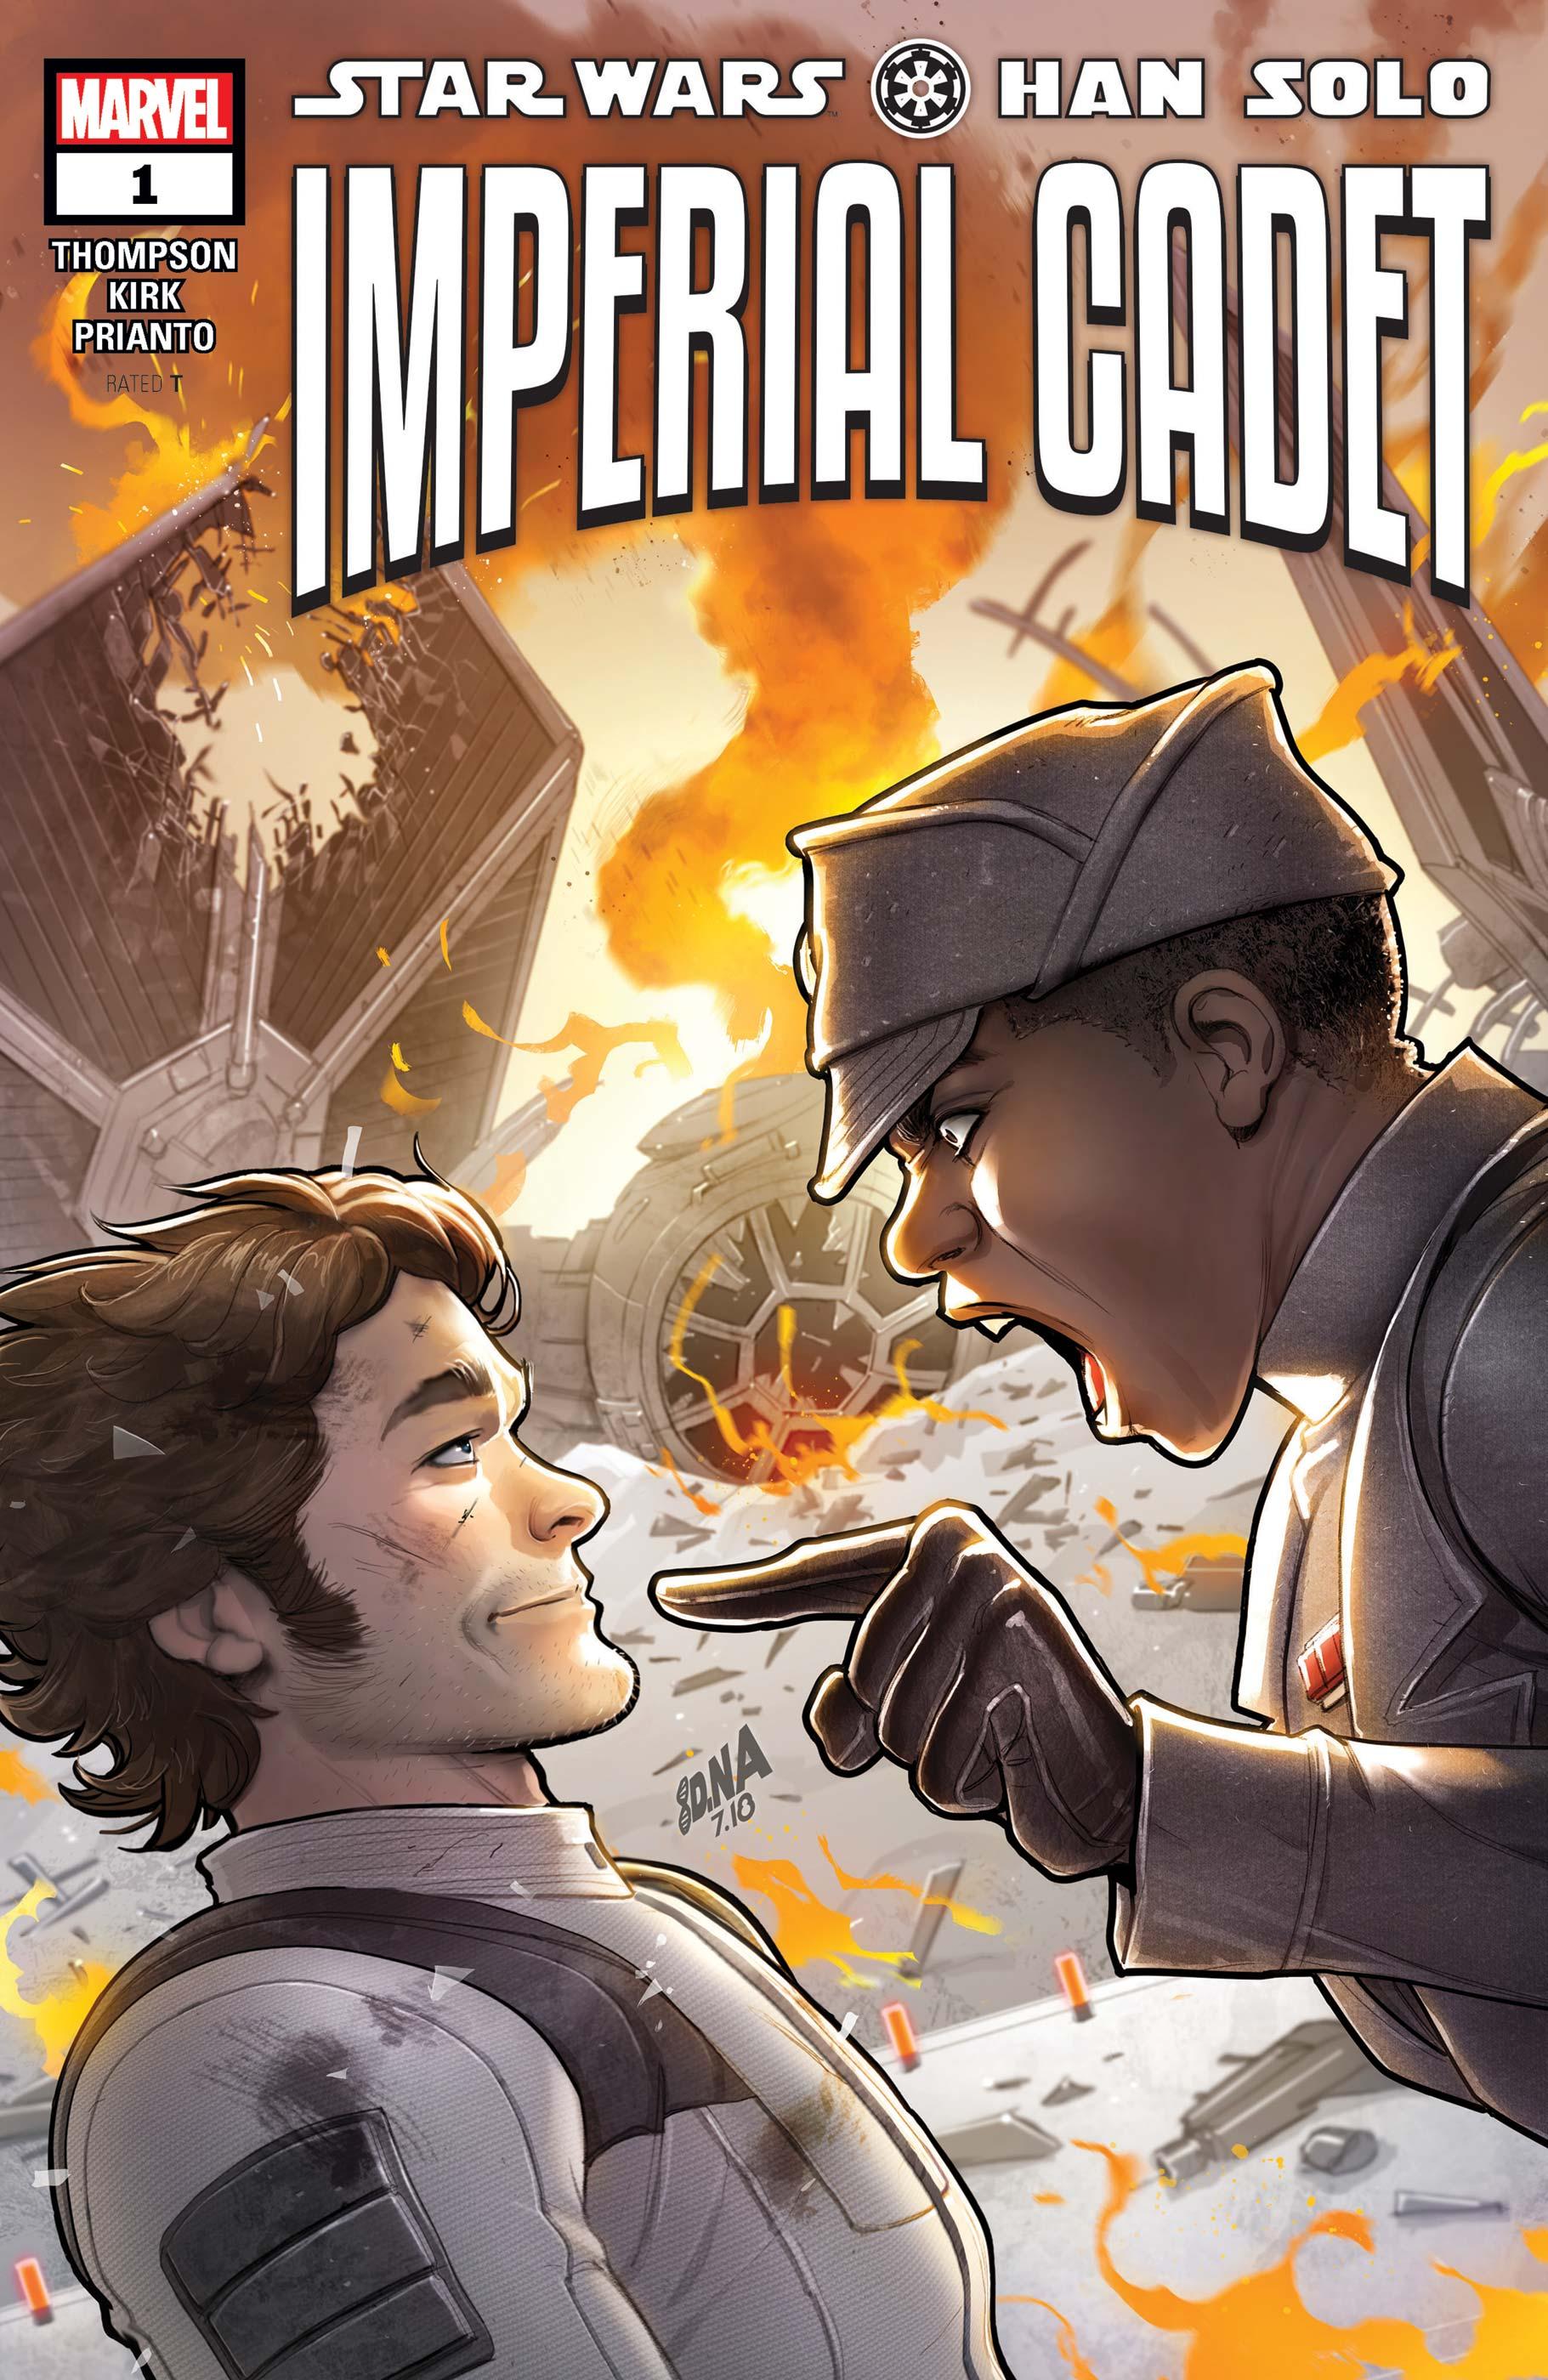 Star Wars_Han Solo_Imperial Cadet (2018) #1.jpg